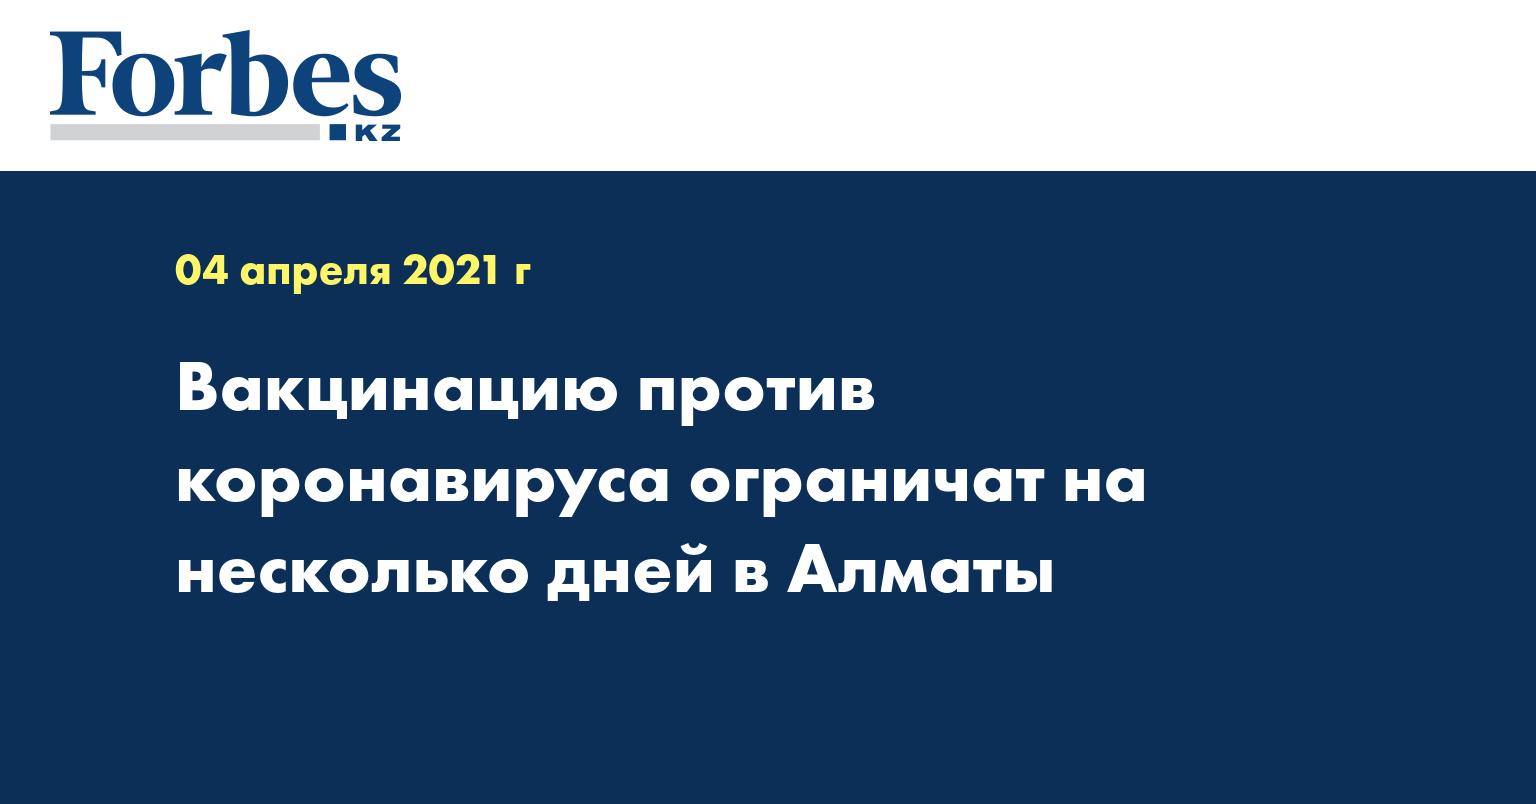 Вакцинацию против коронавируса ограничат на несколько дней в Алматы